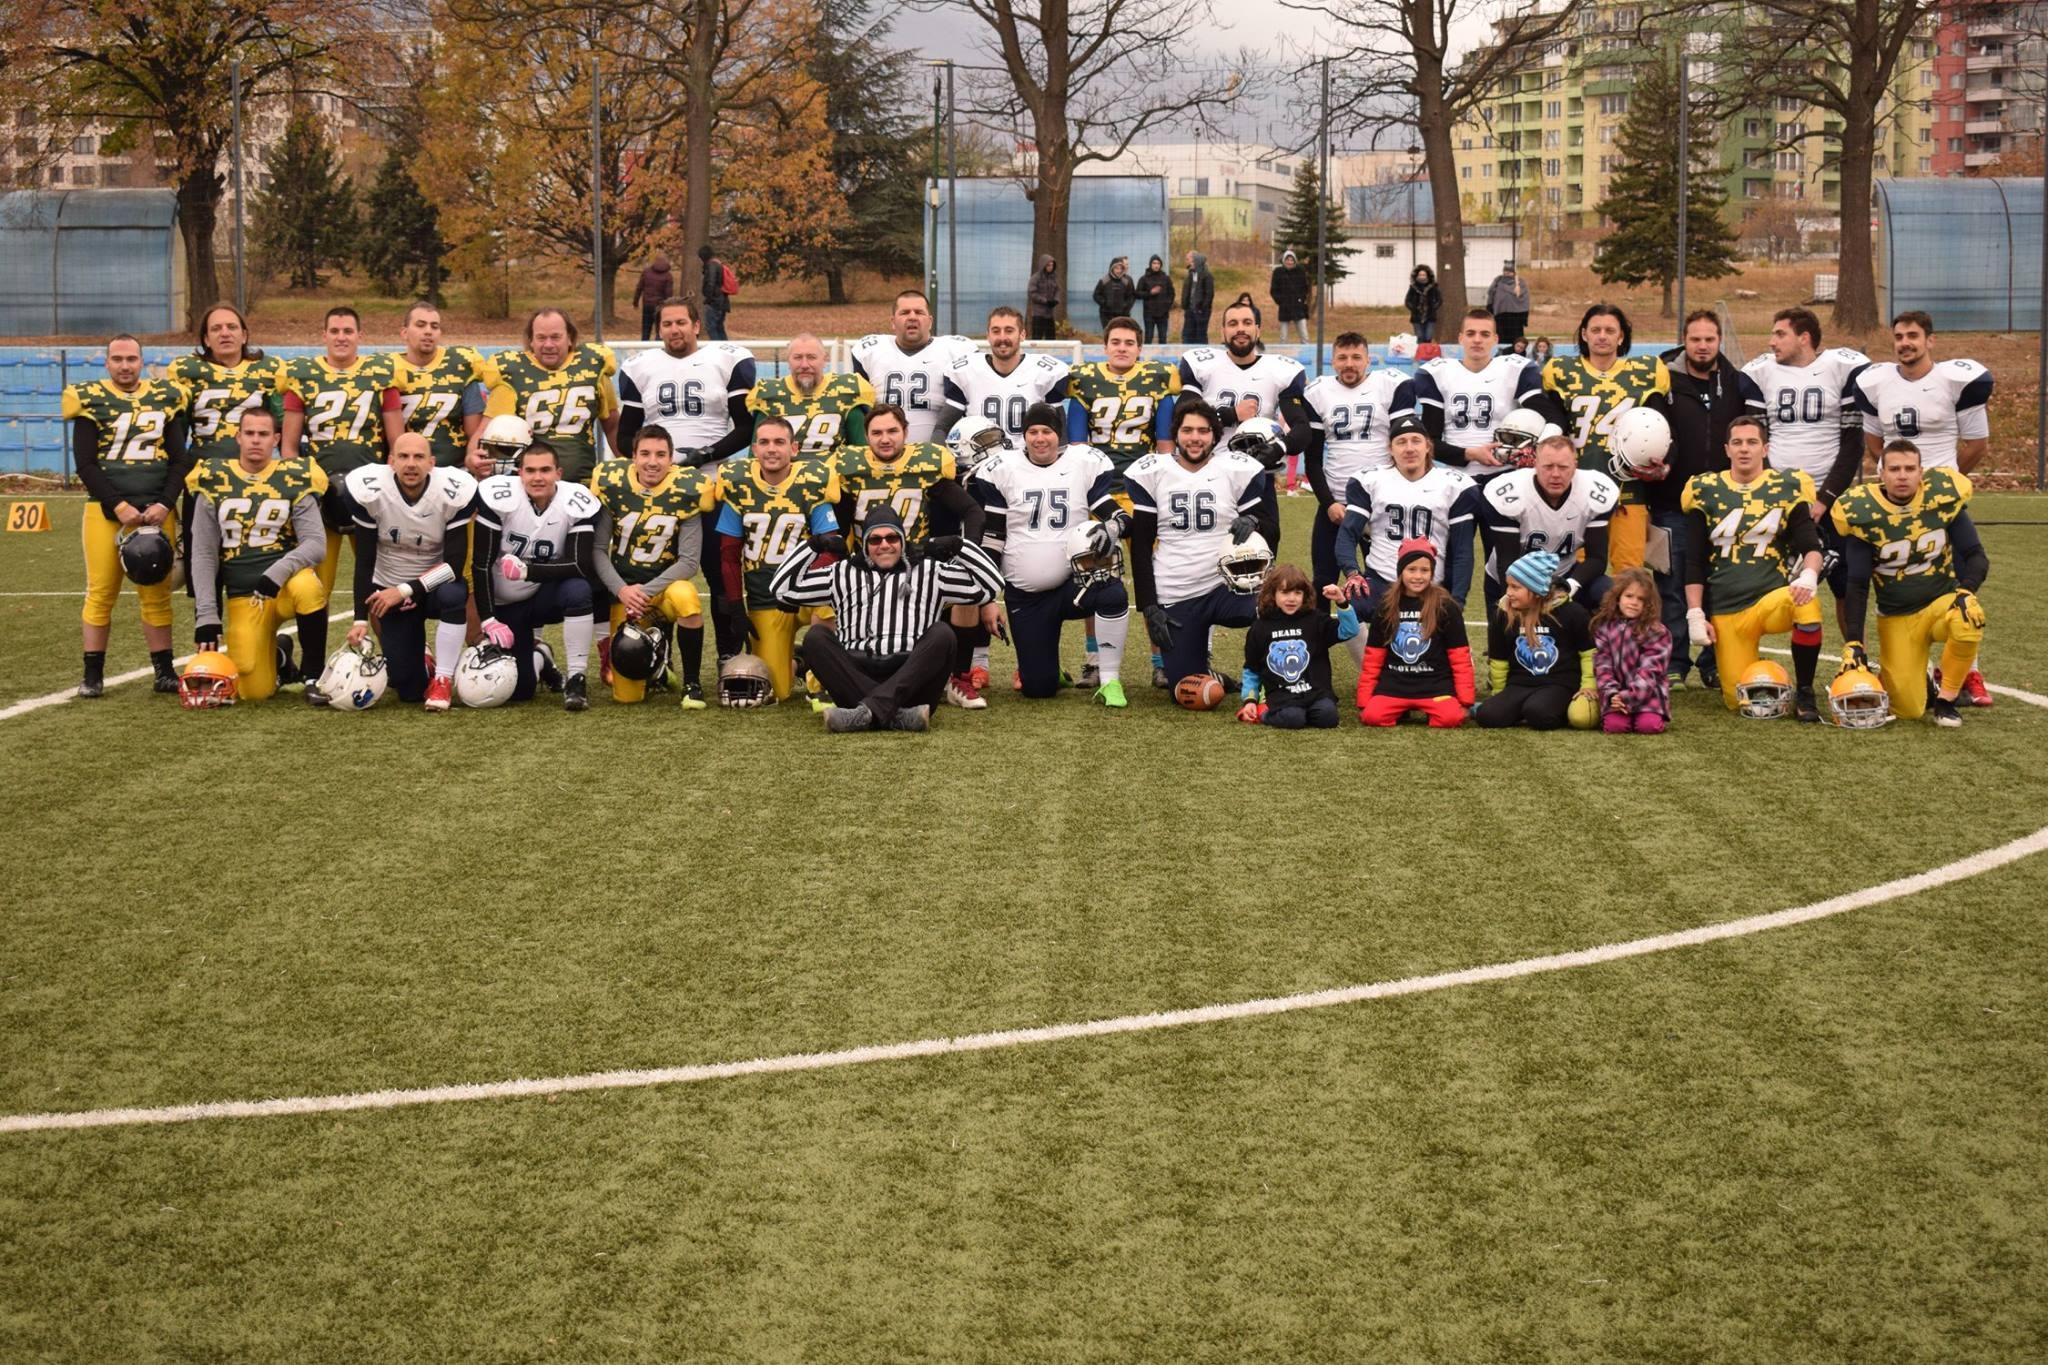 Софийските мечки спечелиха първата титла на България по американски футбол